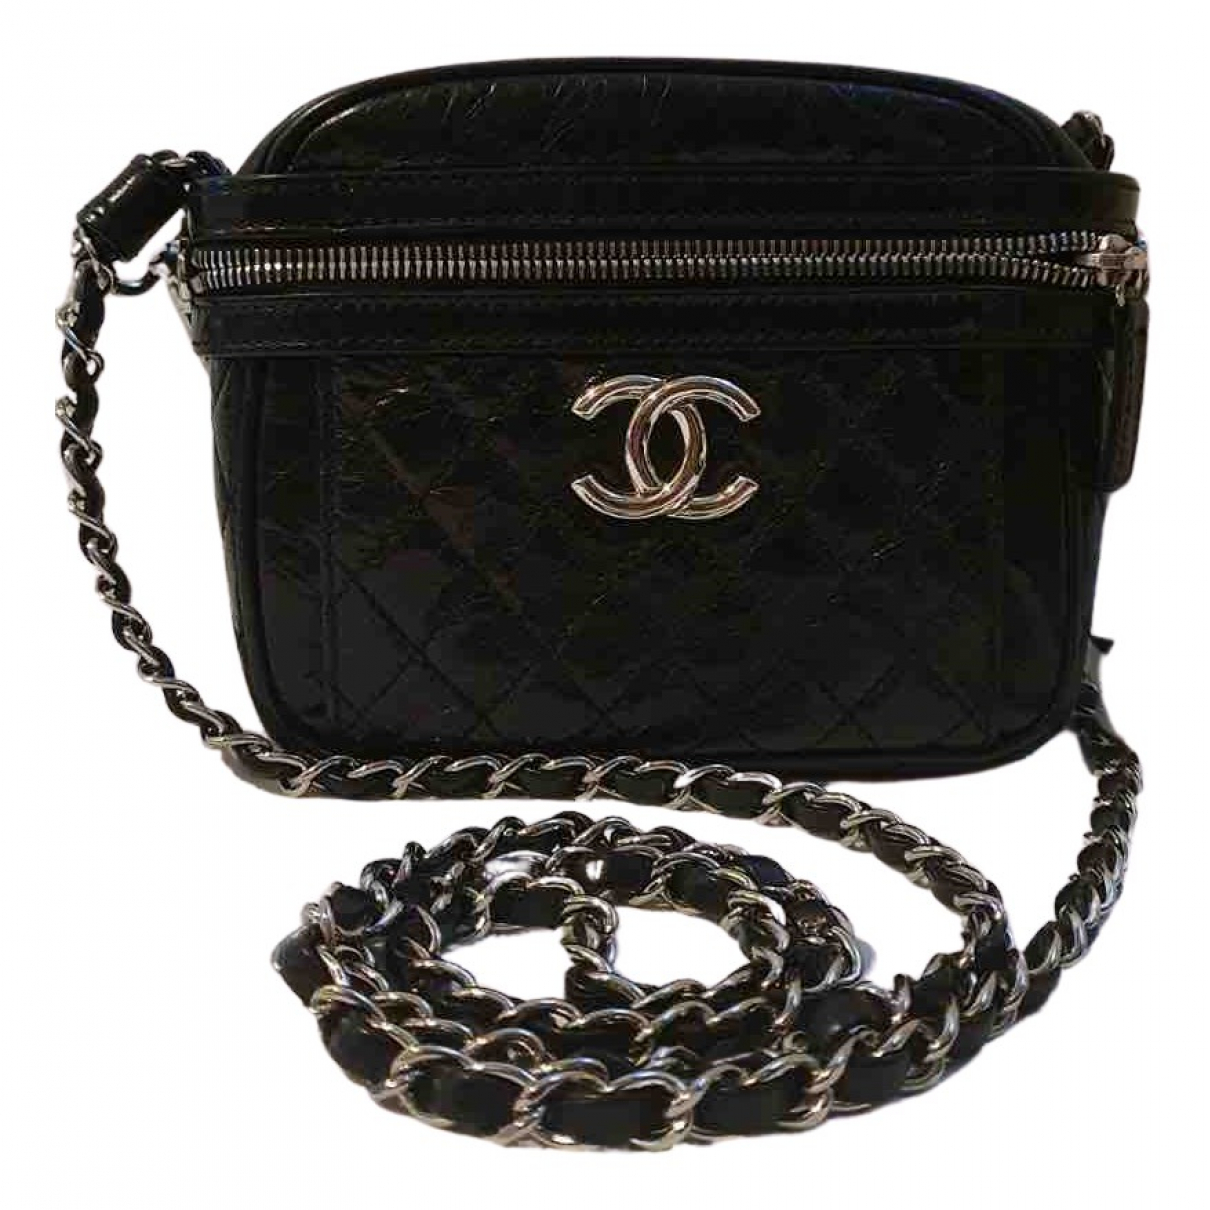 Chanel - Sac a main Camera pour femme en cuir - noir